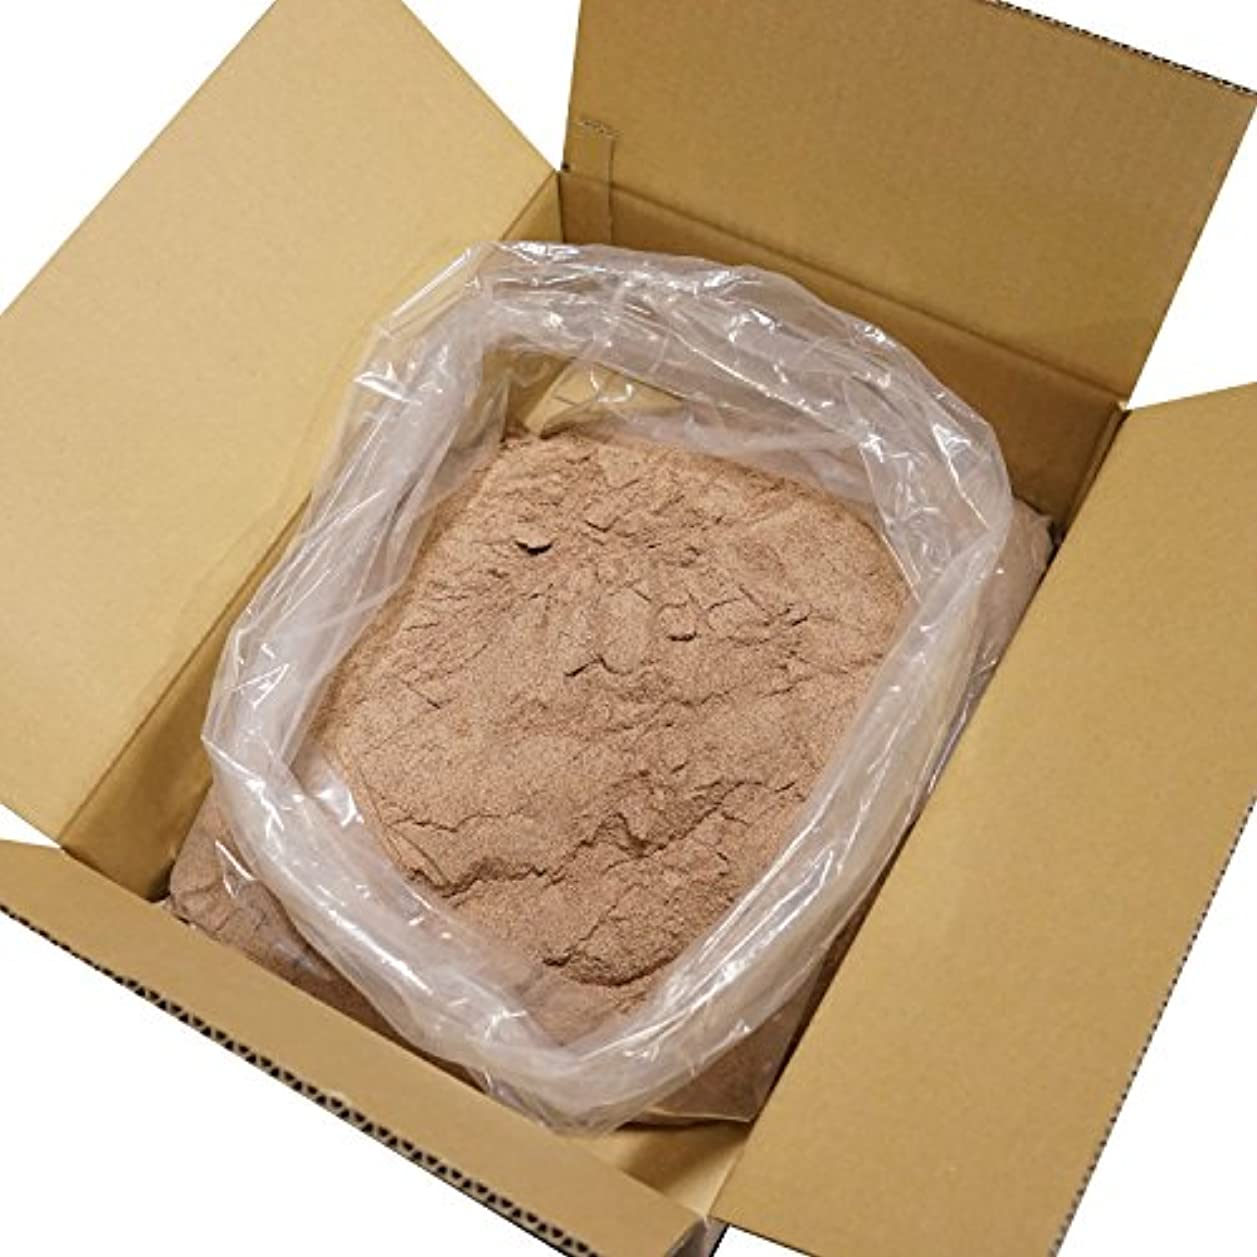 スモッグ産地効率ヒマラヤ 岩塩 ブラック パウダー 細粒タイプ 業務用 原料 (5kg)